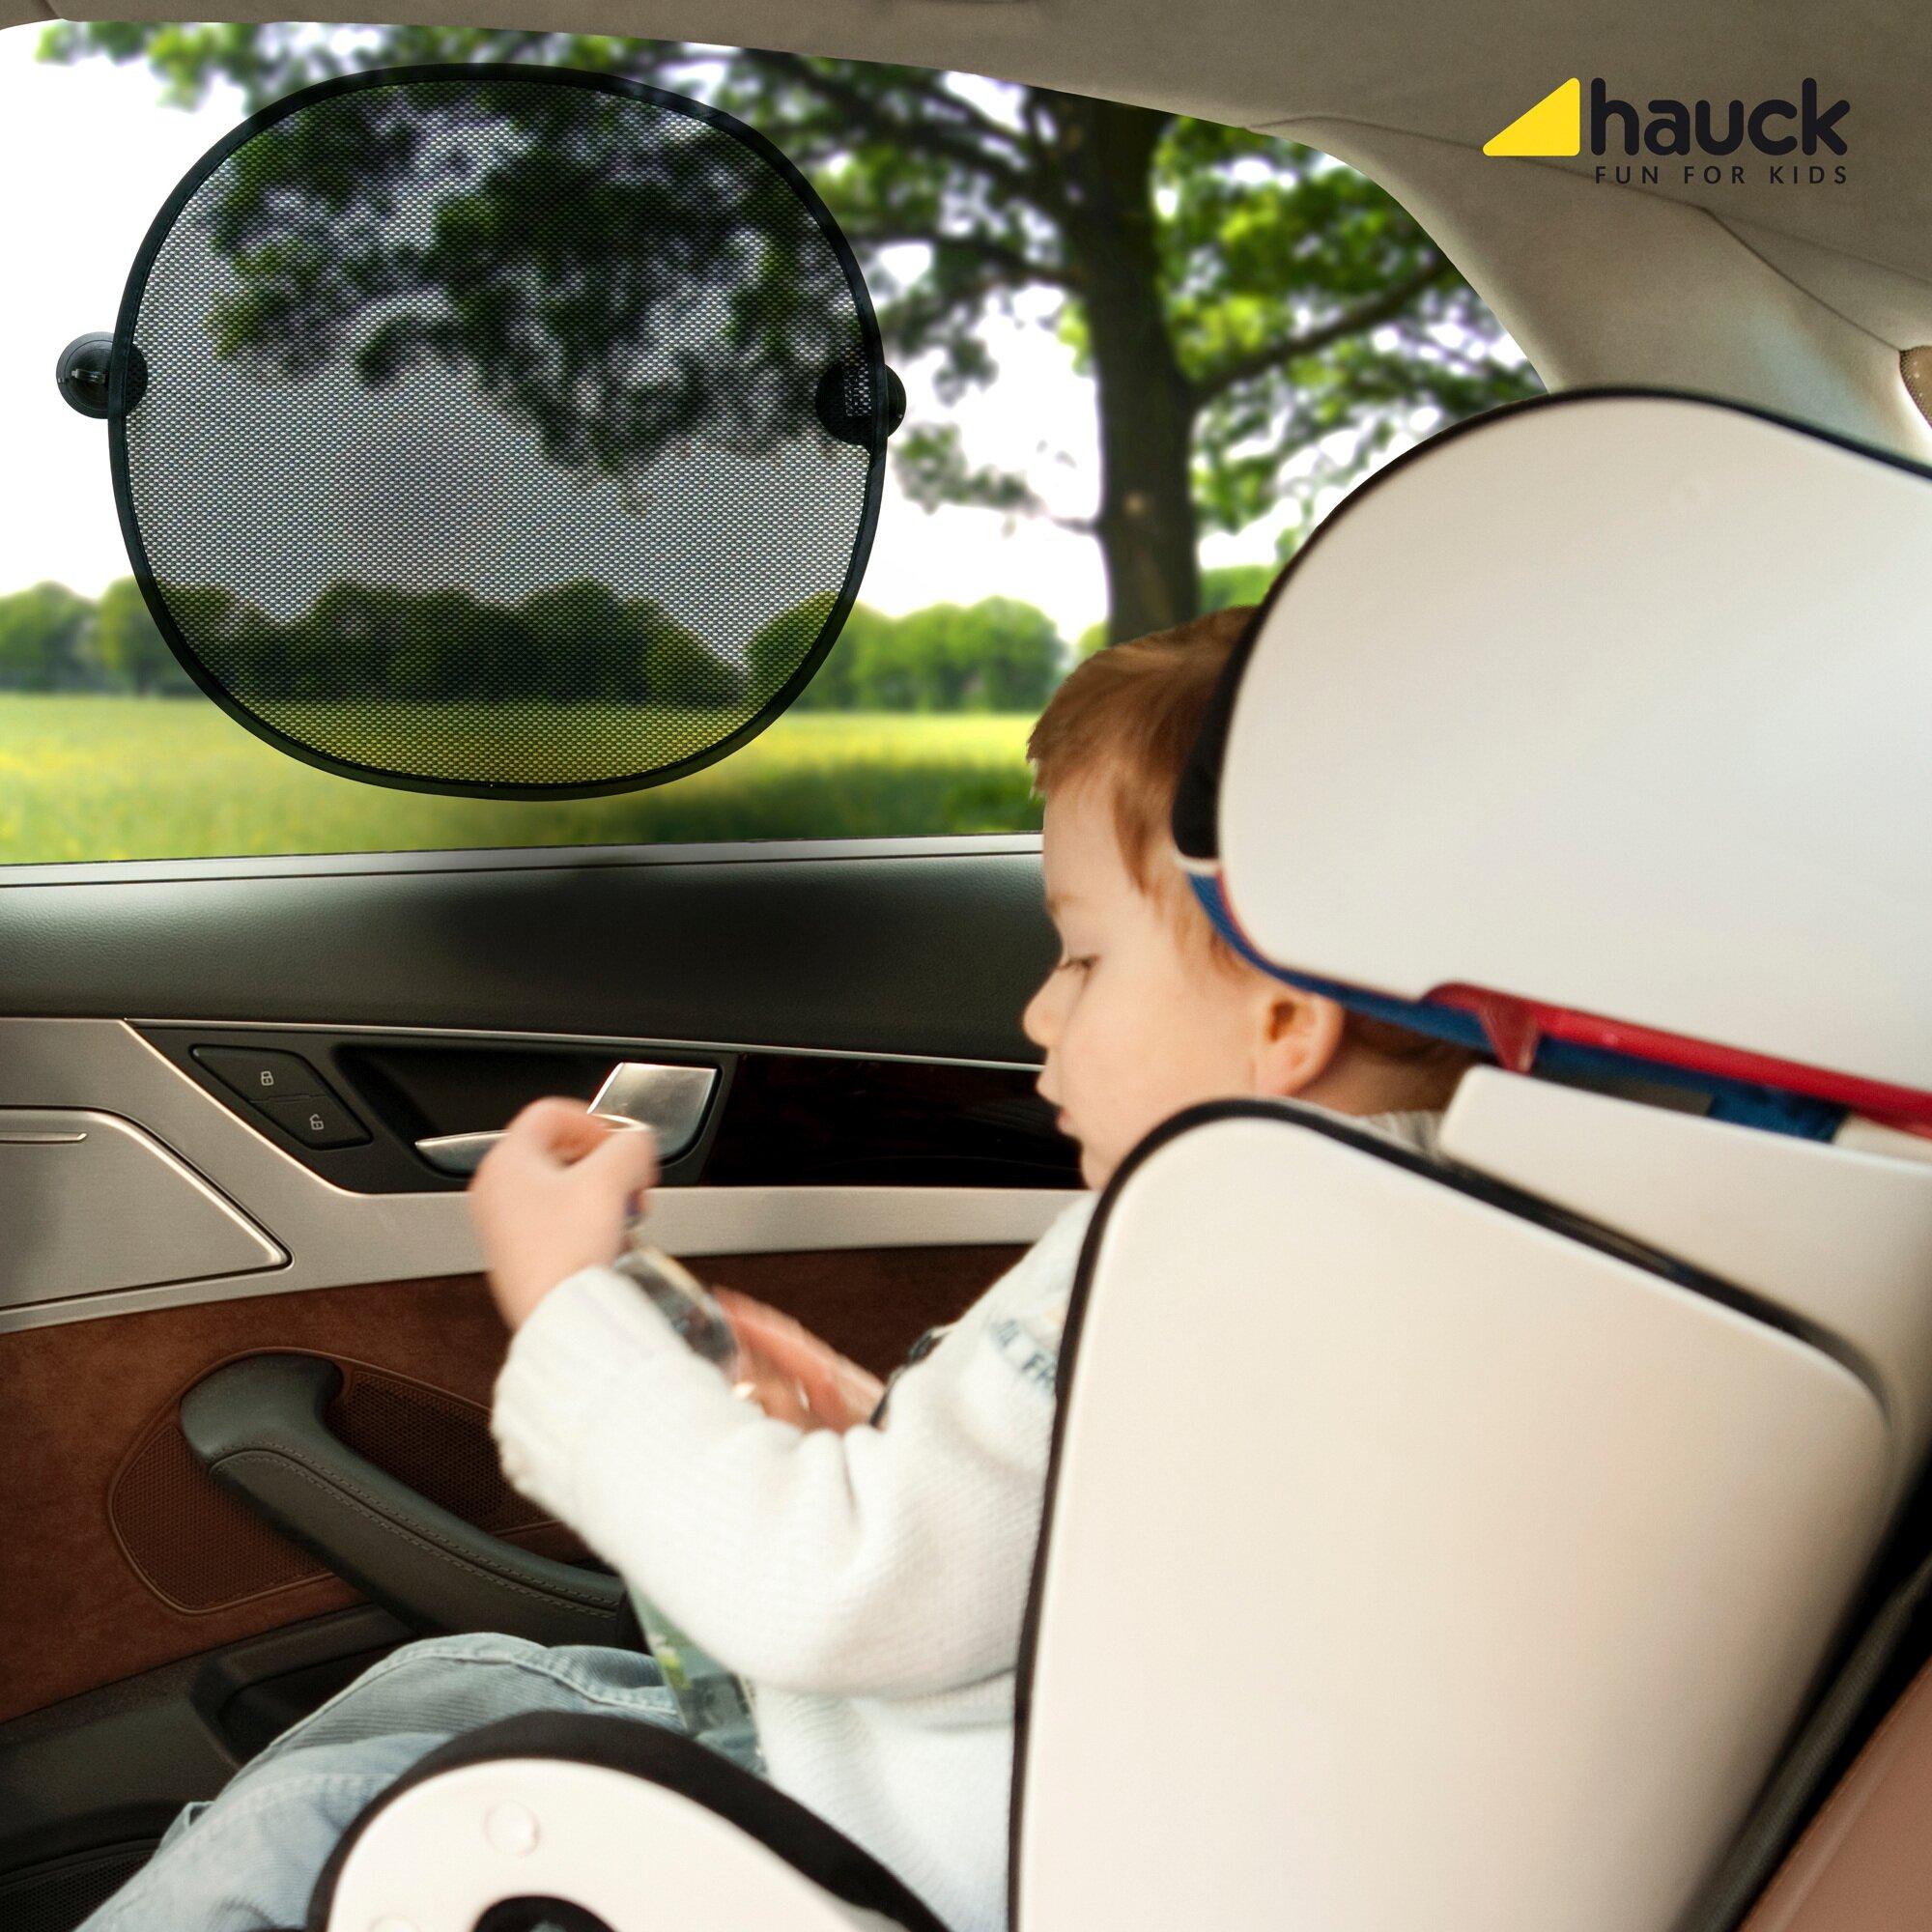 hauck-auto-sonnenschutz-cloud-me-2